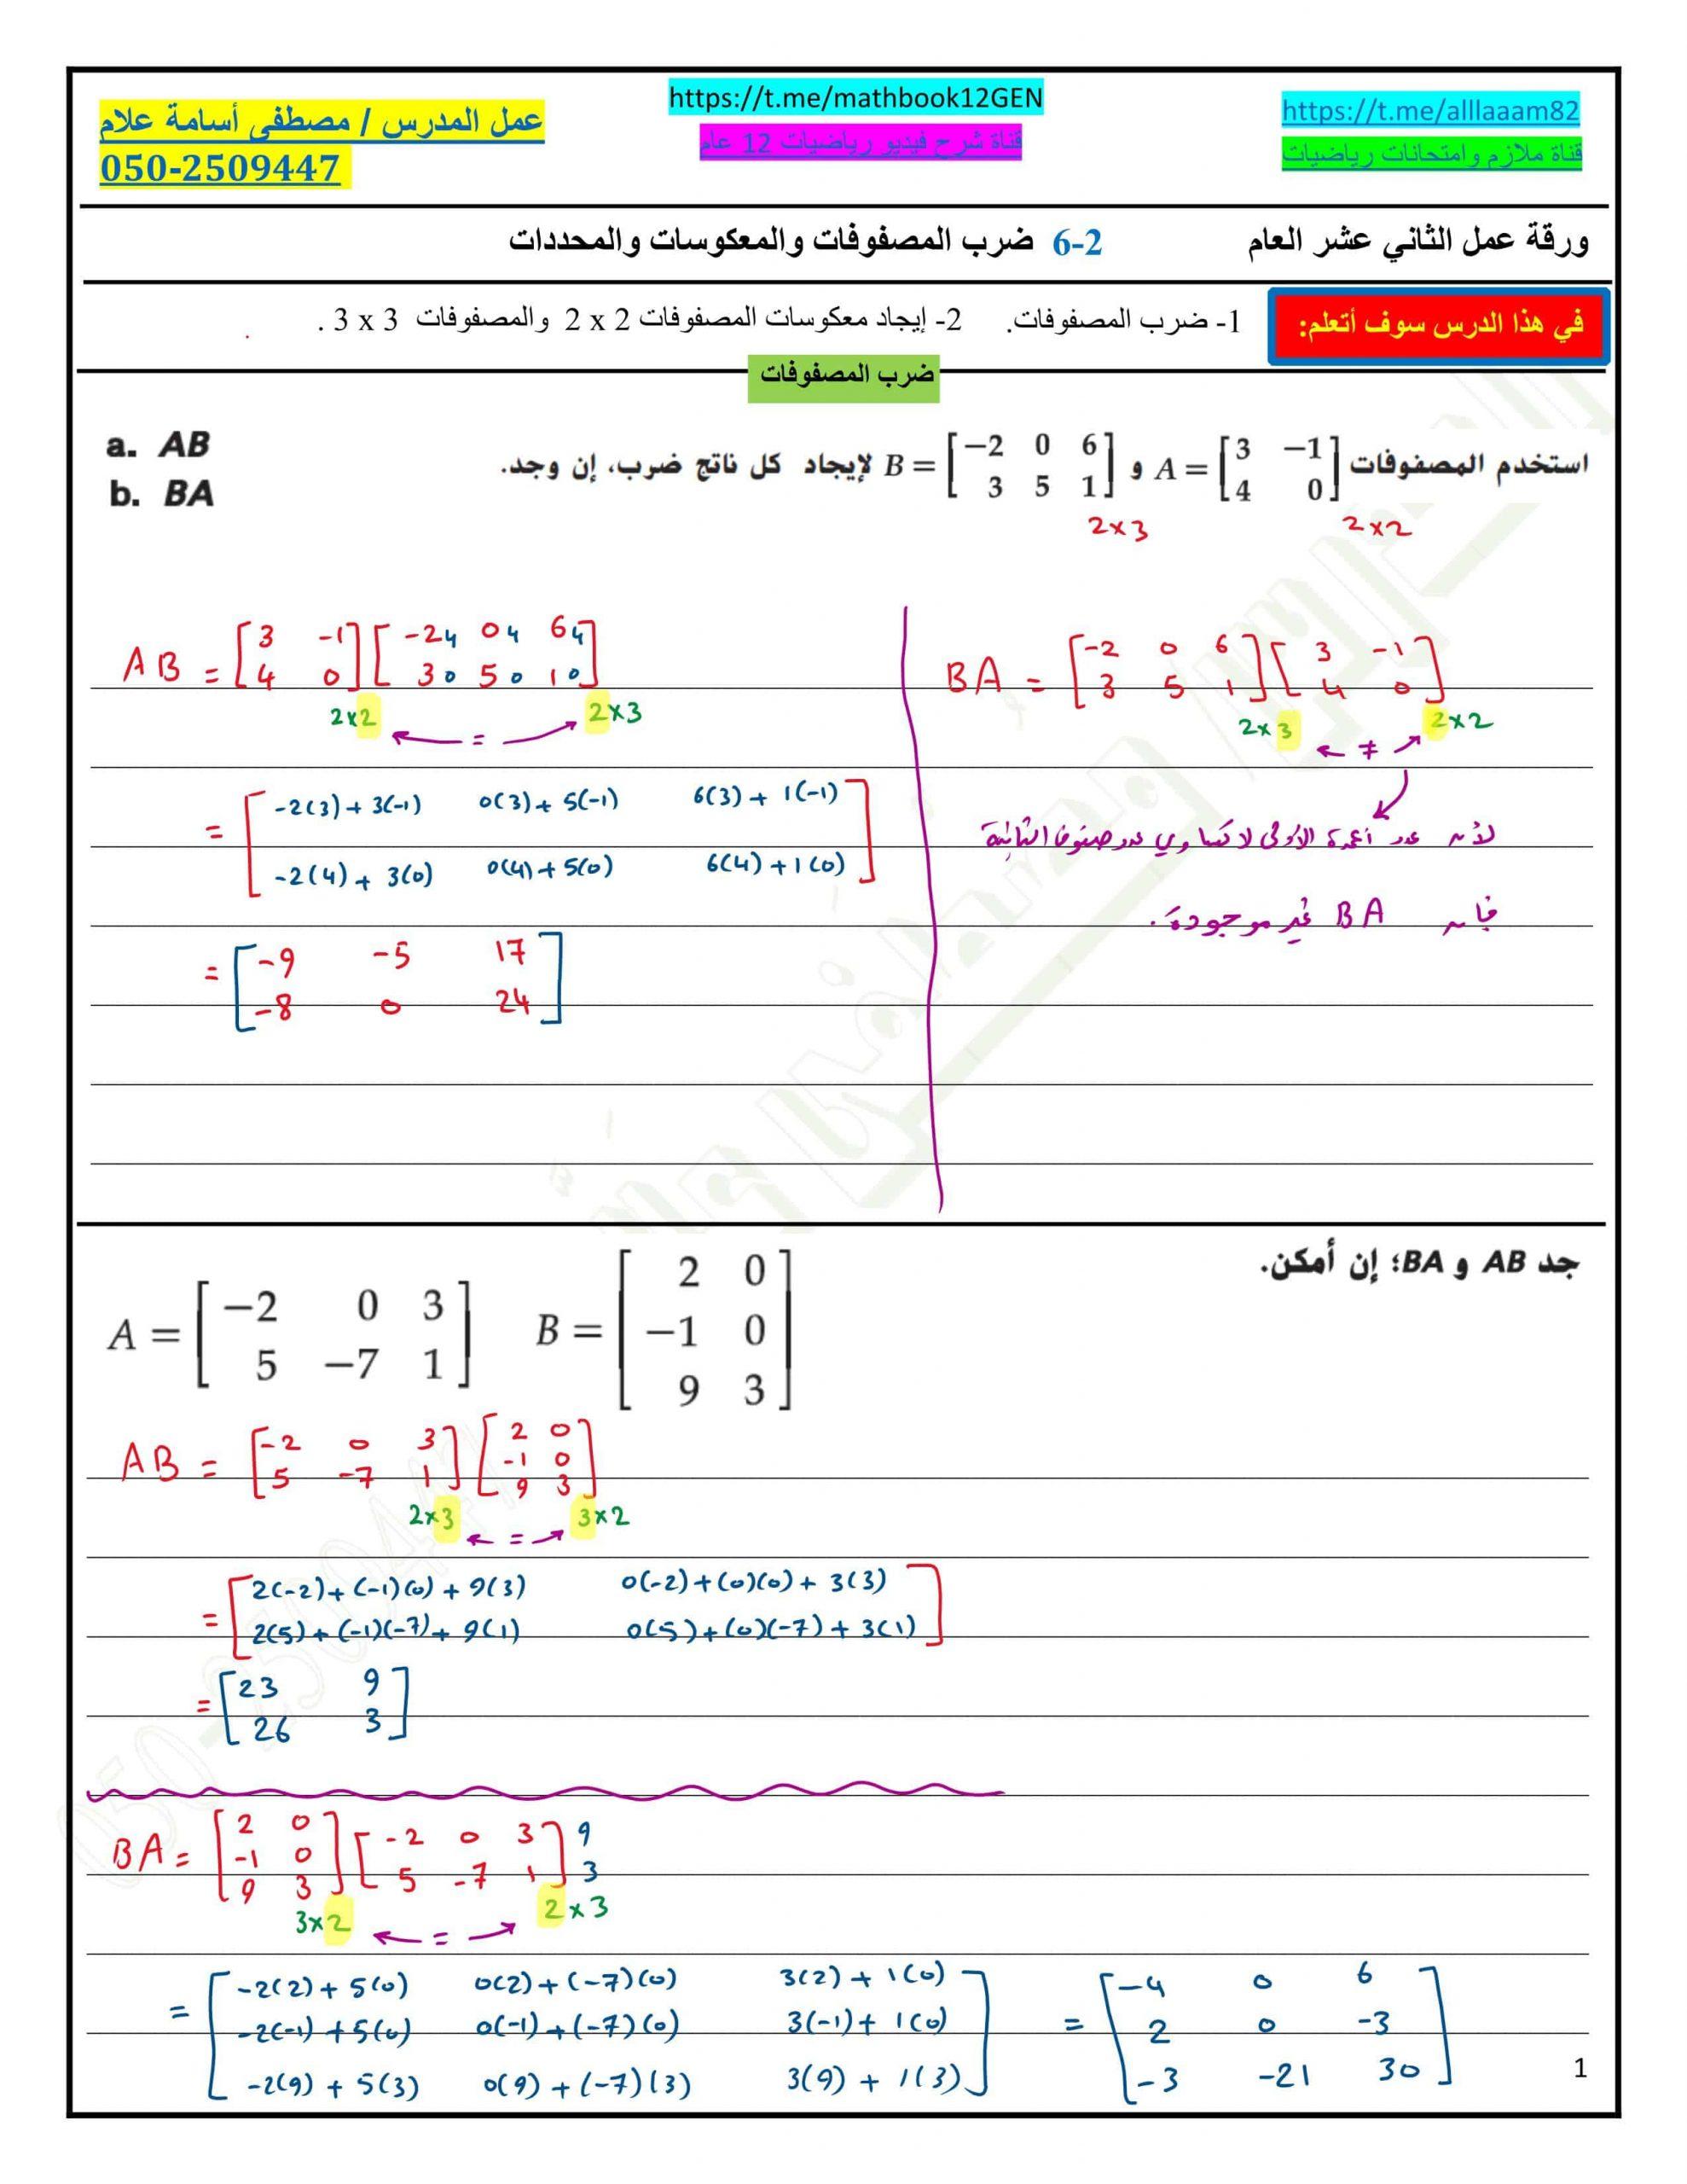 حل أوراق عمل ضرب المصفوفات والمعكوسات والمحددات الصف الثاني عشر عام مادة الرياضيات المتكاملة